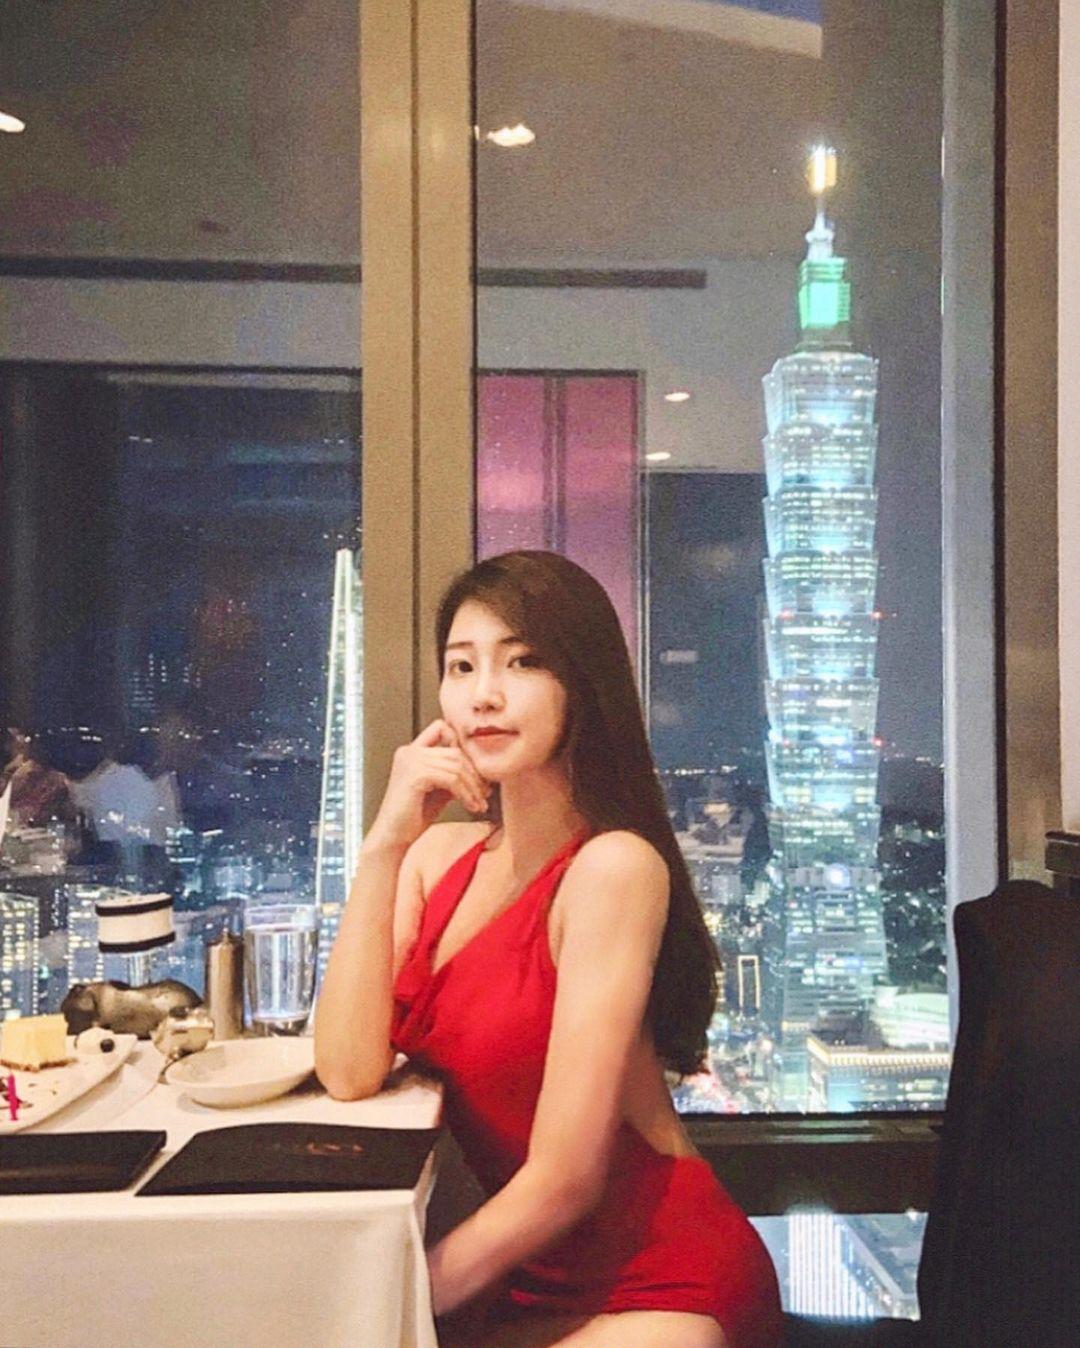 台北跨年2021活動,台北跨年餐廳2021推薦,101煙火最美觀賞地點,莫爾頓牛排館